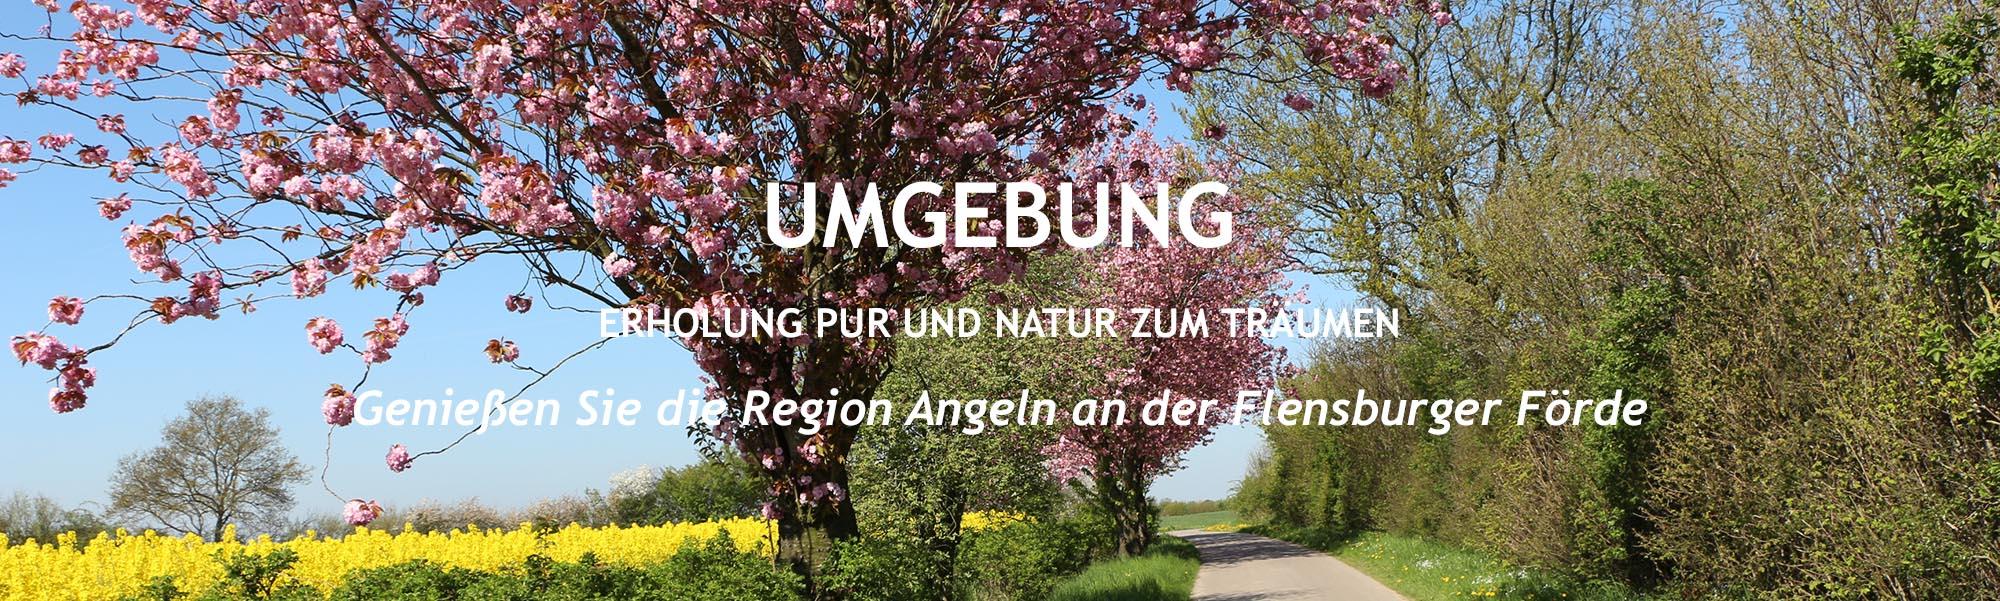 Region Angeln an der Flensburger Förde